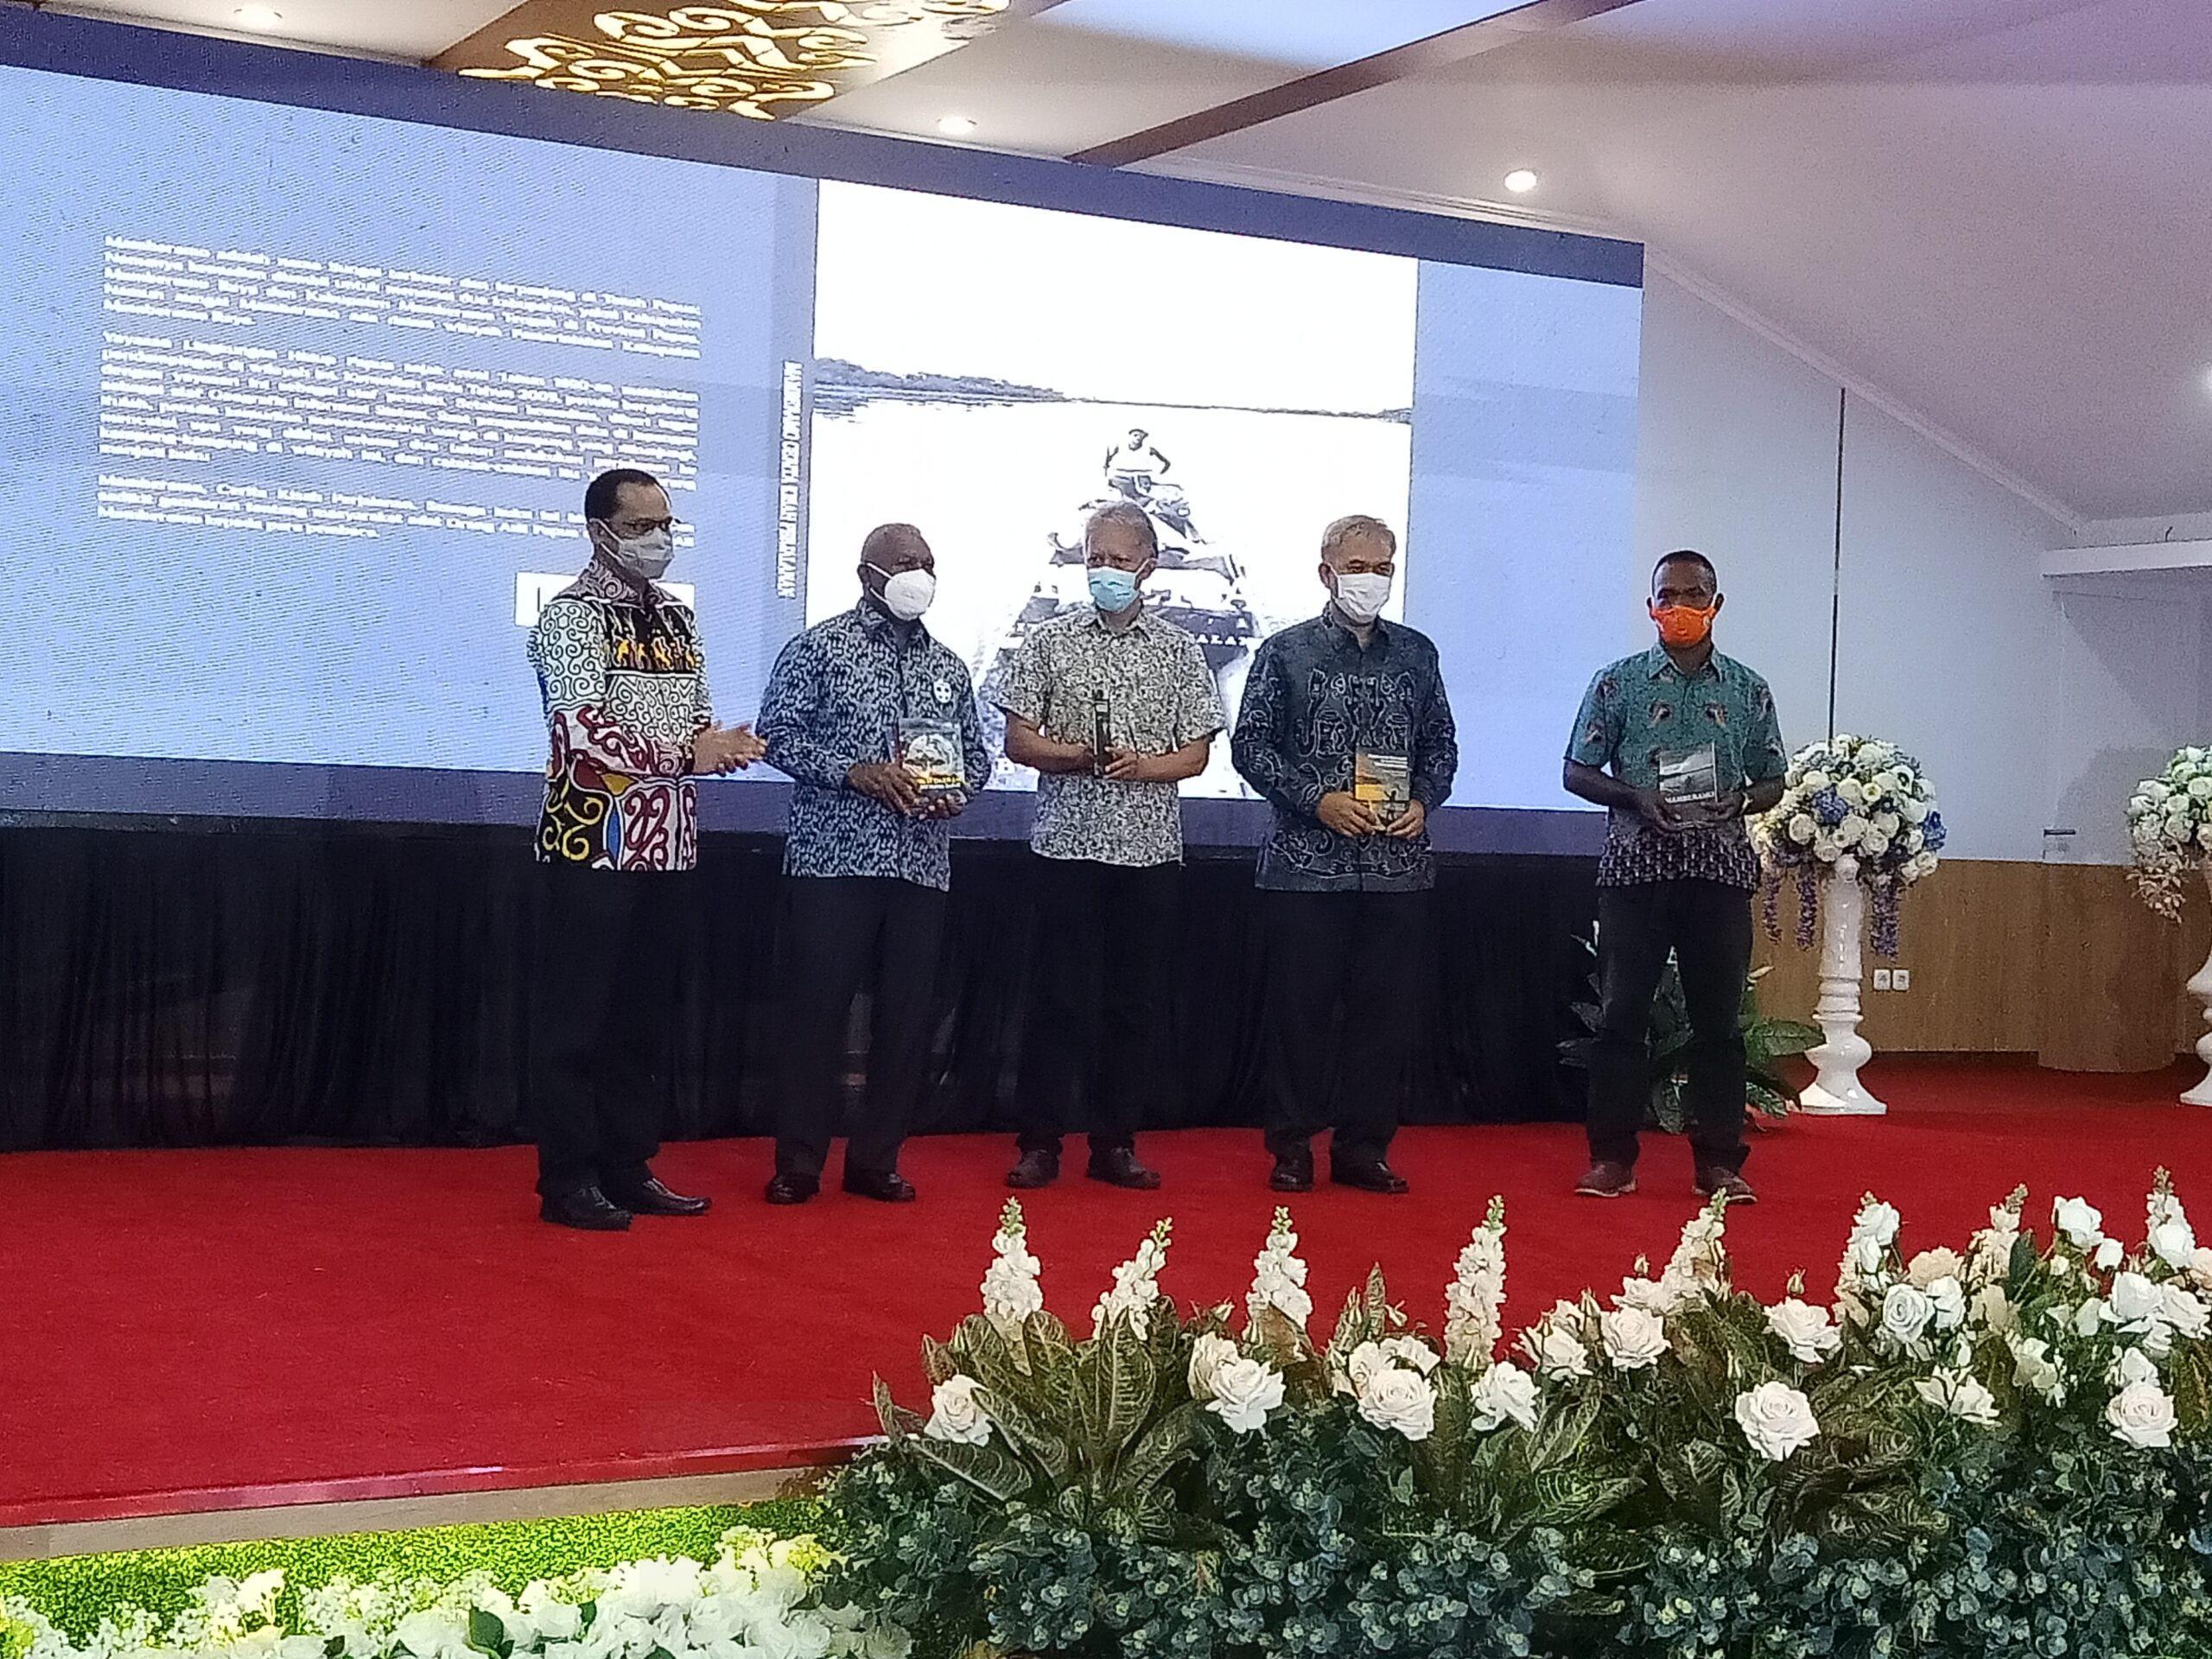 Gubernur Apresiasi 4 Tahun Balitbangda Papua Barat Hasilkan Produk Inovatif 1 IMG20210223192758 scaled